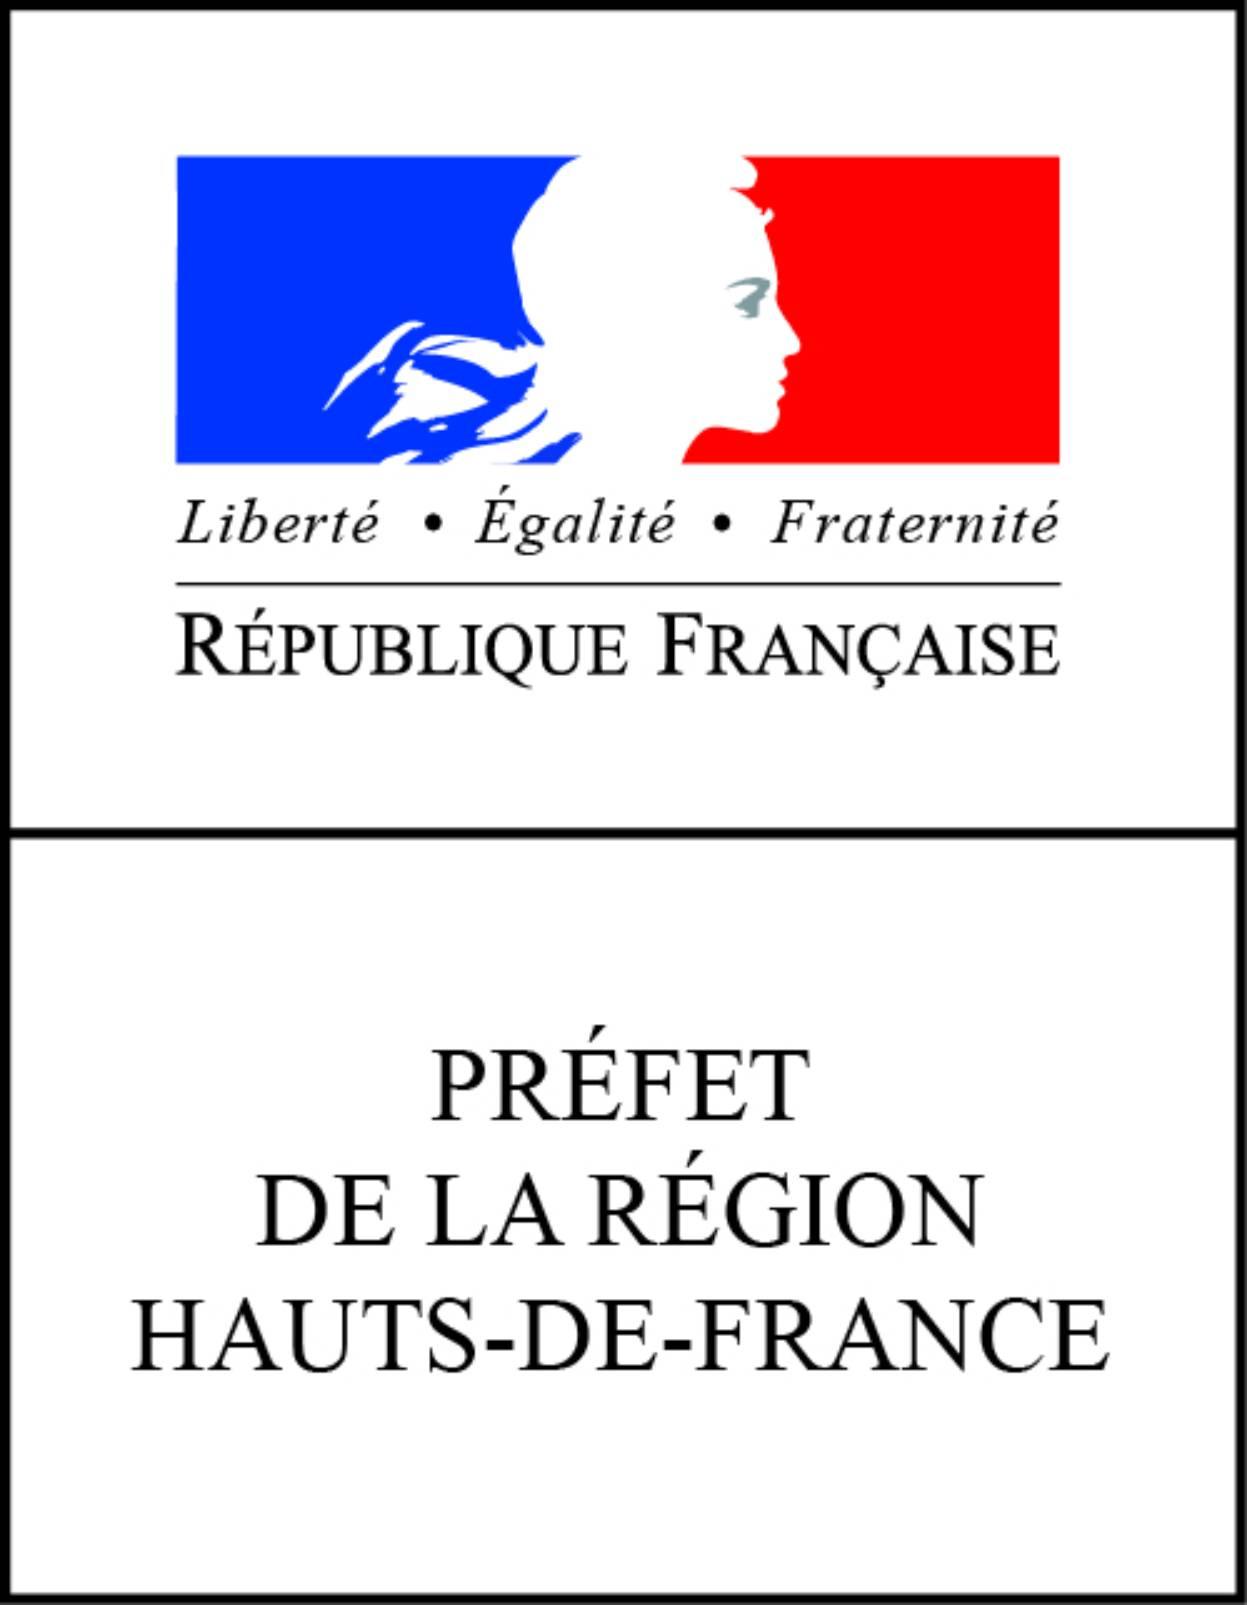 bloc-marque-vertical-prefet-de-la-region-hauts-de-france-rvb